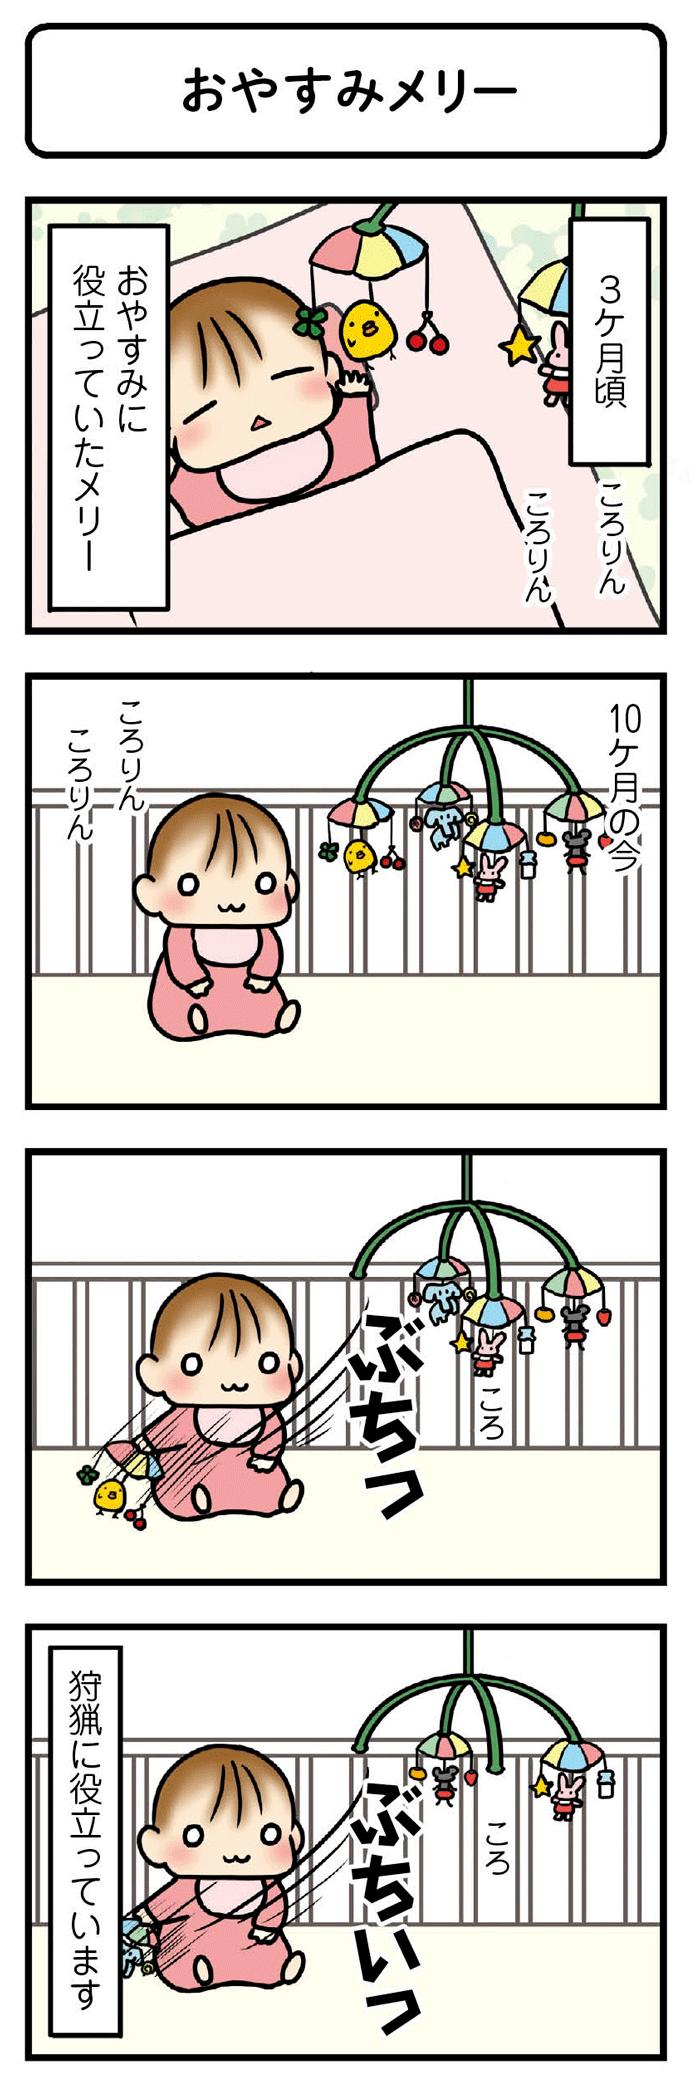 「0歳赤ちゃん VS ママ」成長にうれしくもヒヤヒヤ!リトルモンスターとの日々(笑)の画像9